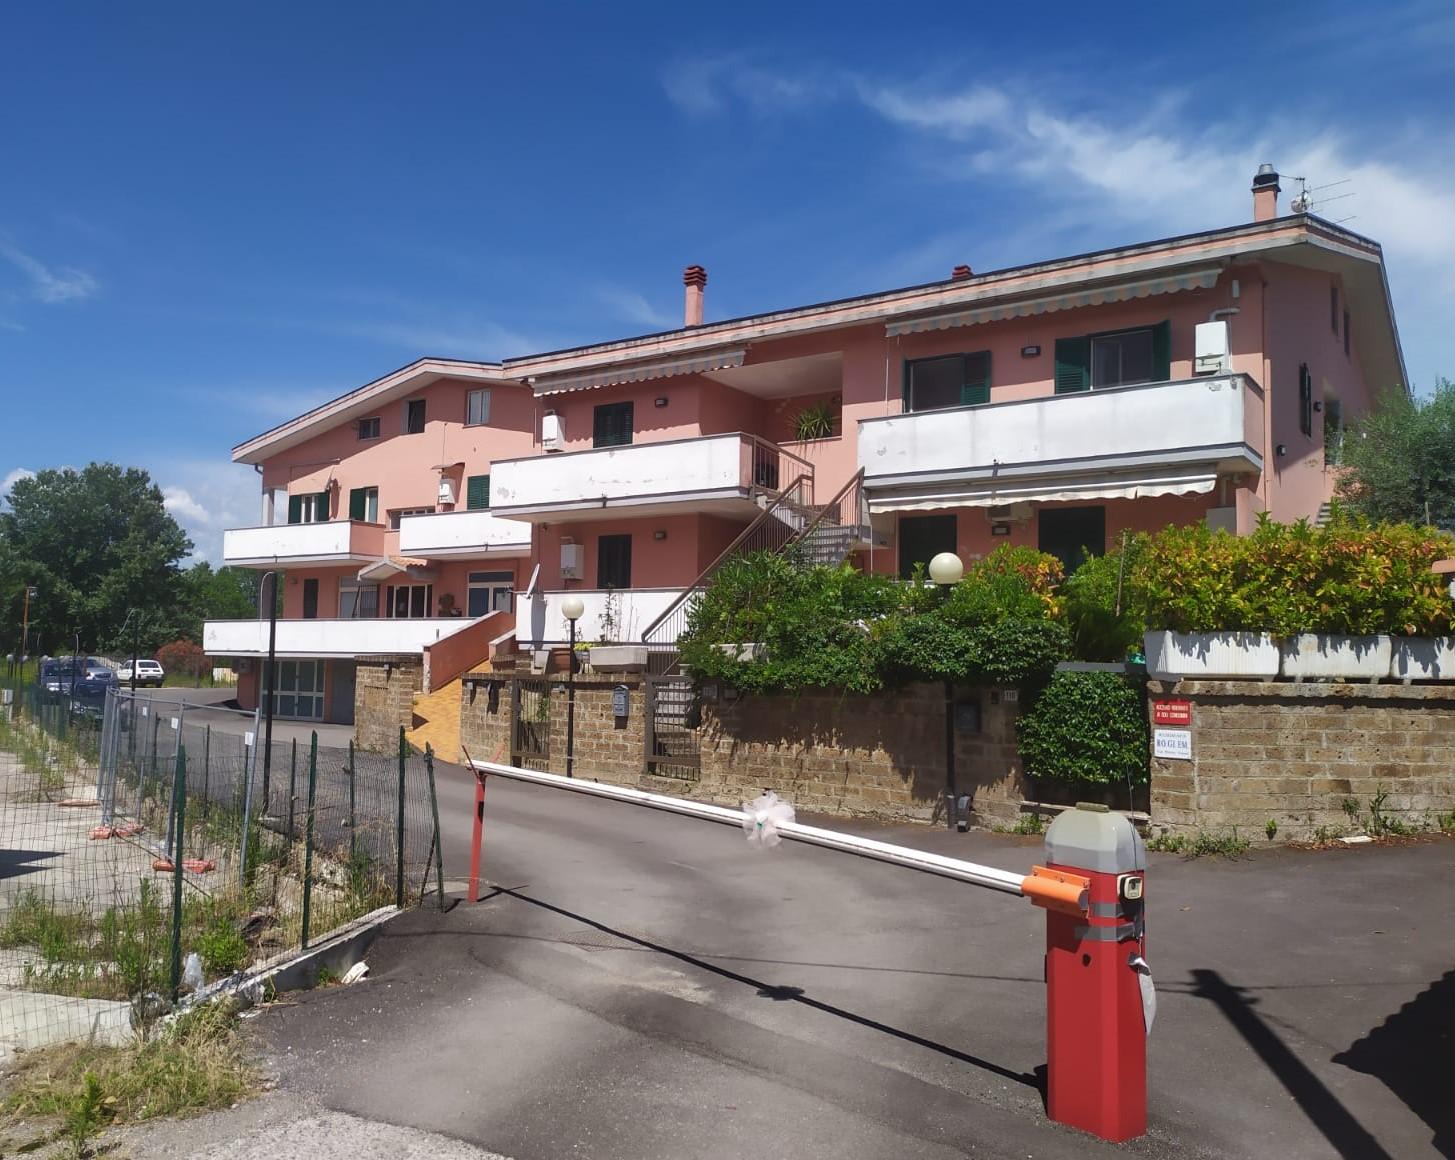 Negozio o Locale in affitto via pietro nenni  San Giovanni Teatino (CH)